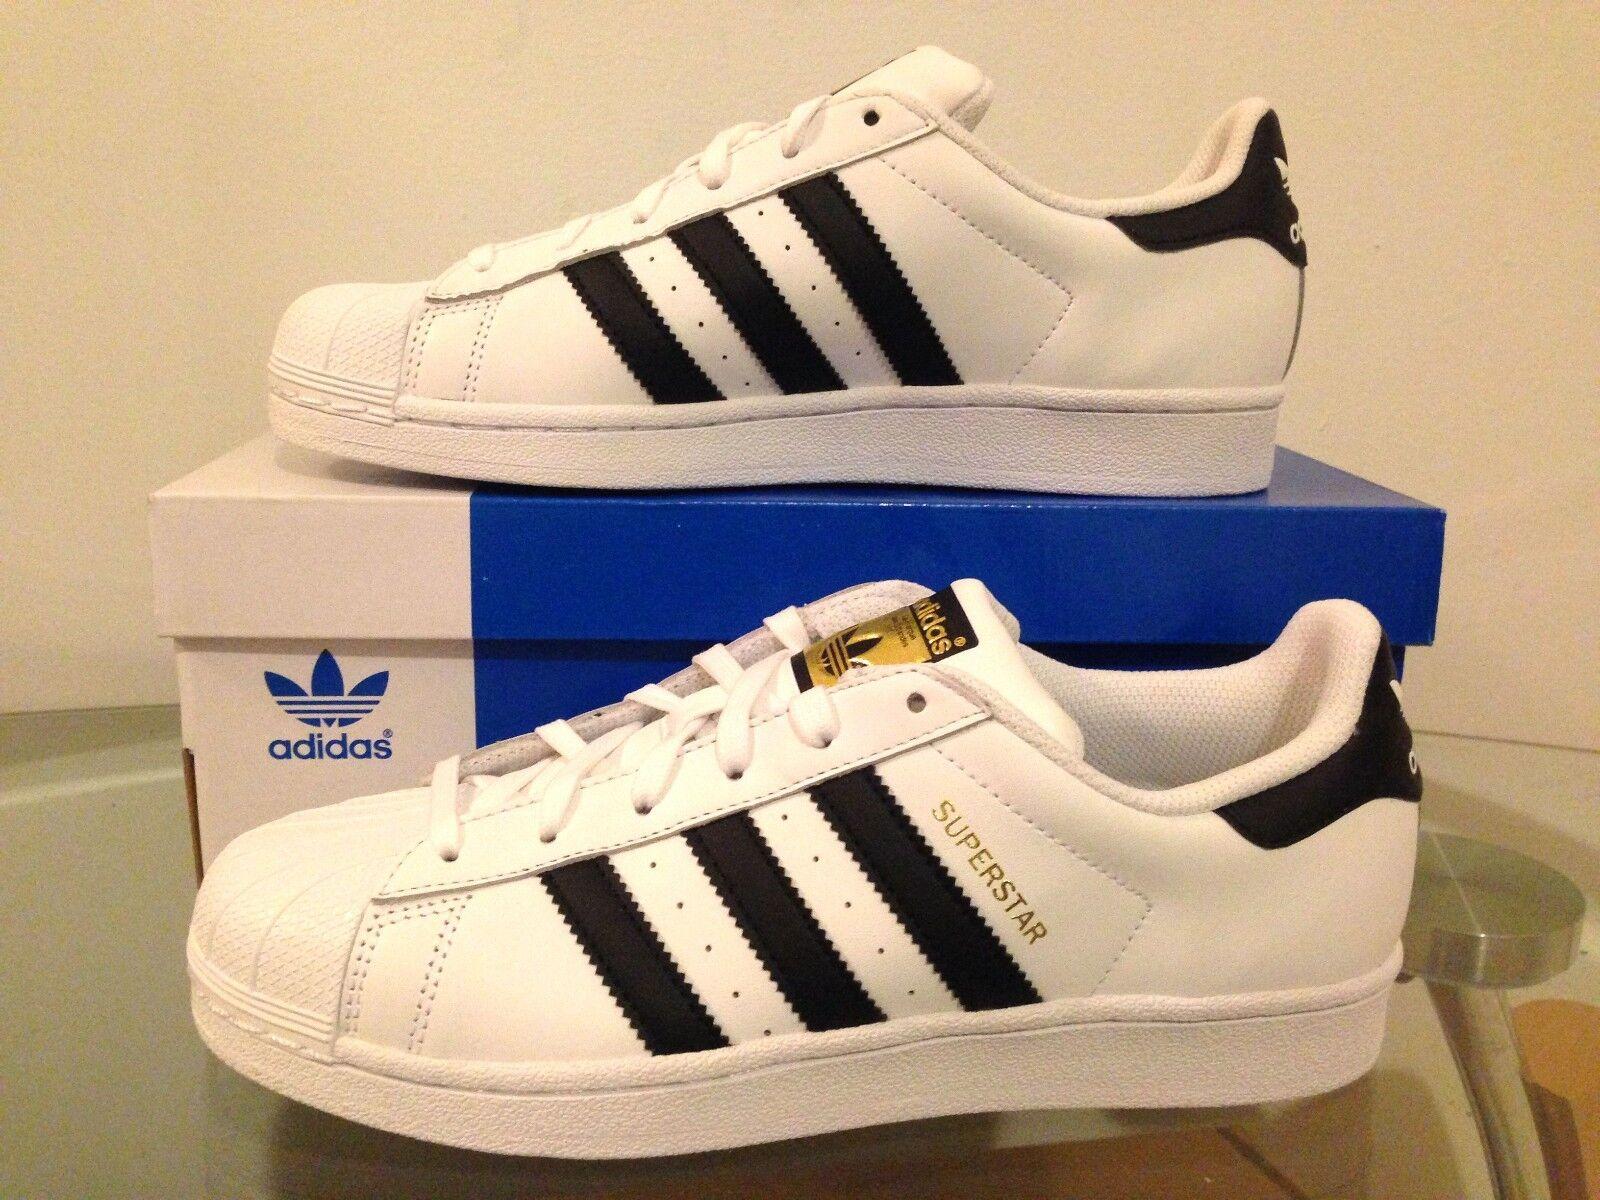 Adidas superstar original - schwarz - weiße streifen shell die c77153 frauen 11 gold